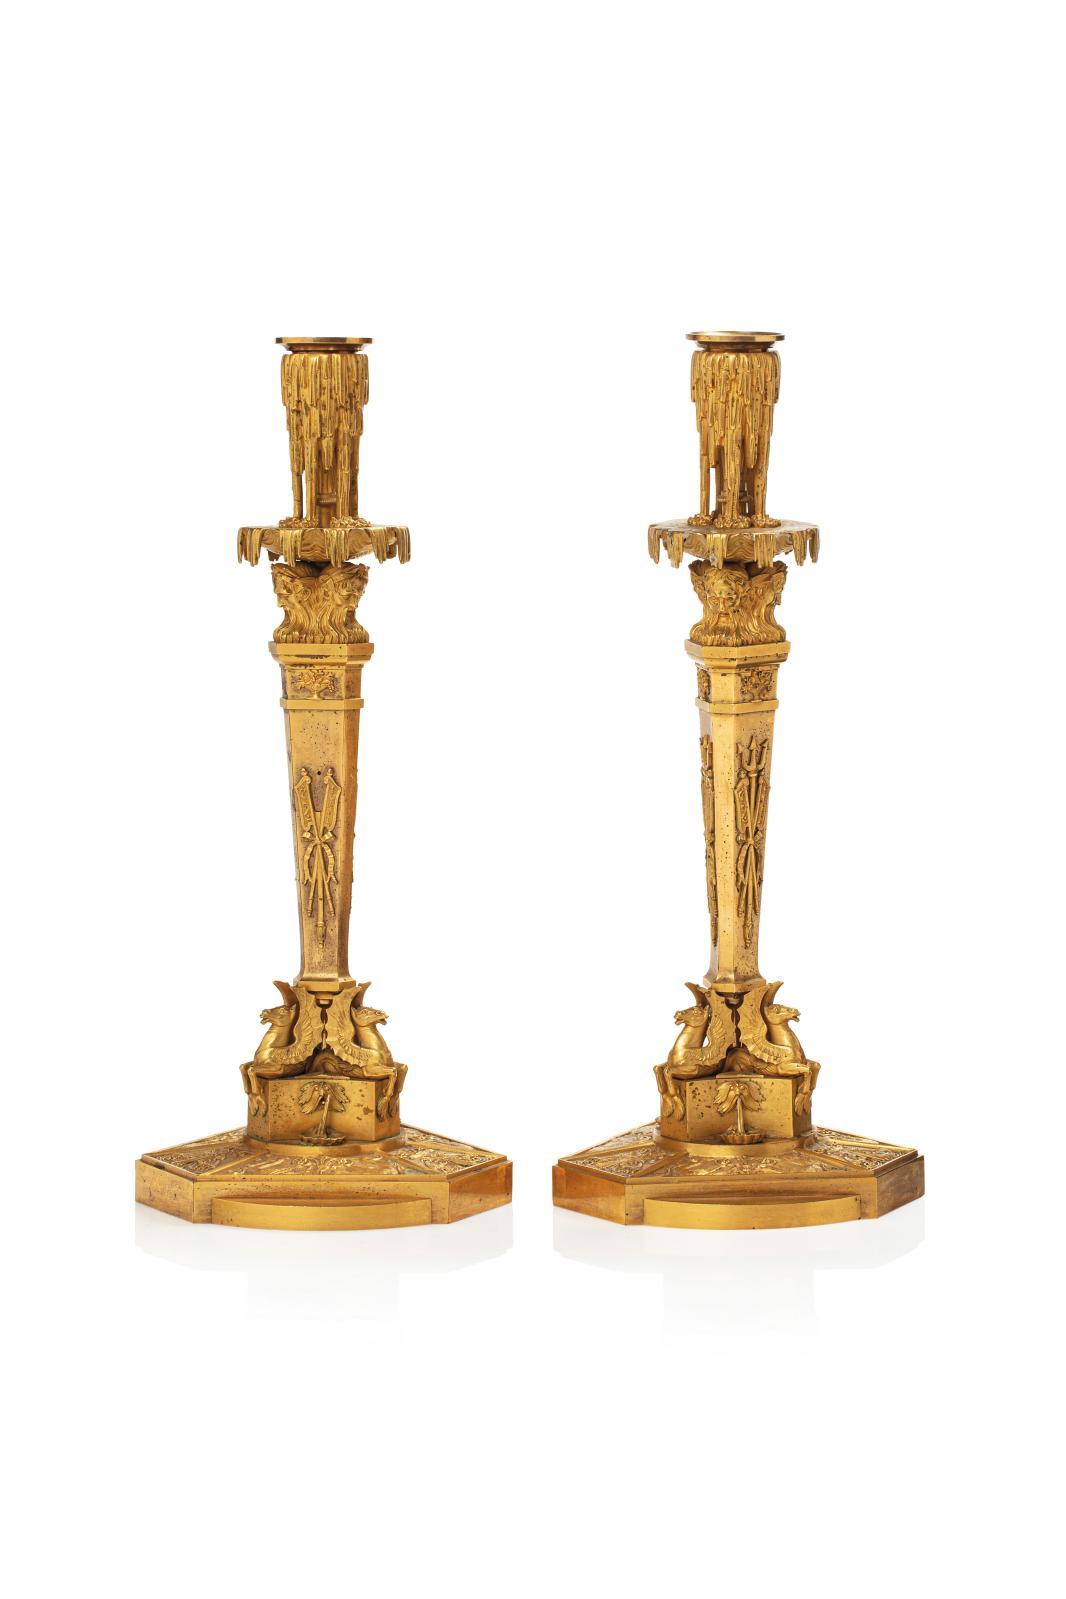 Travail étranger d'époque Empire, peut-être russe, paire de rares flambeaux en bronze doré au mat et au brillant, base hexagonale à ailett